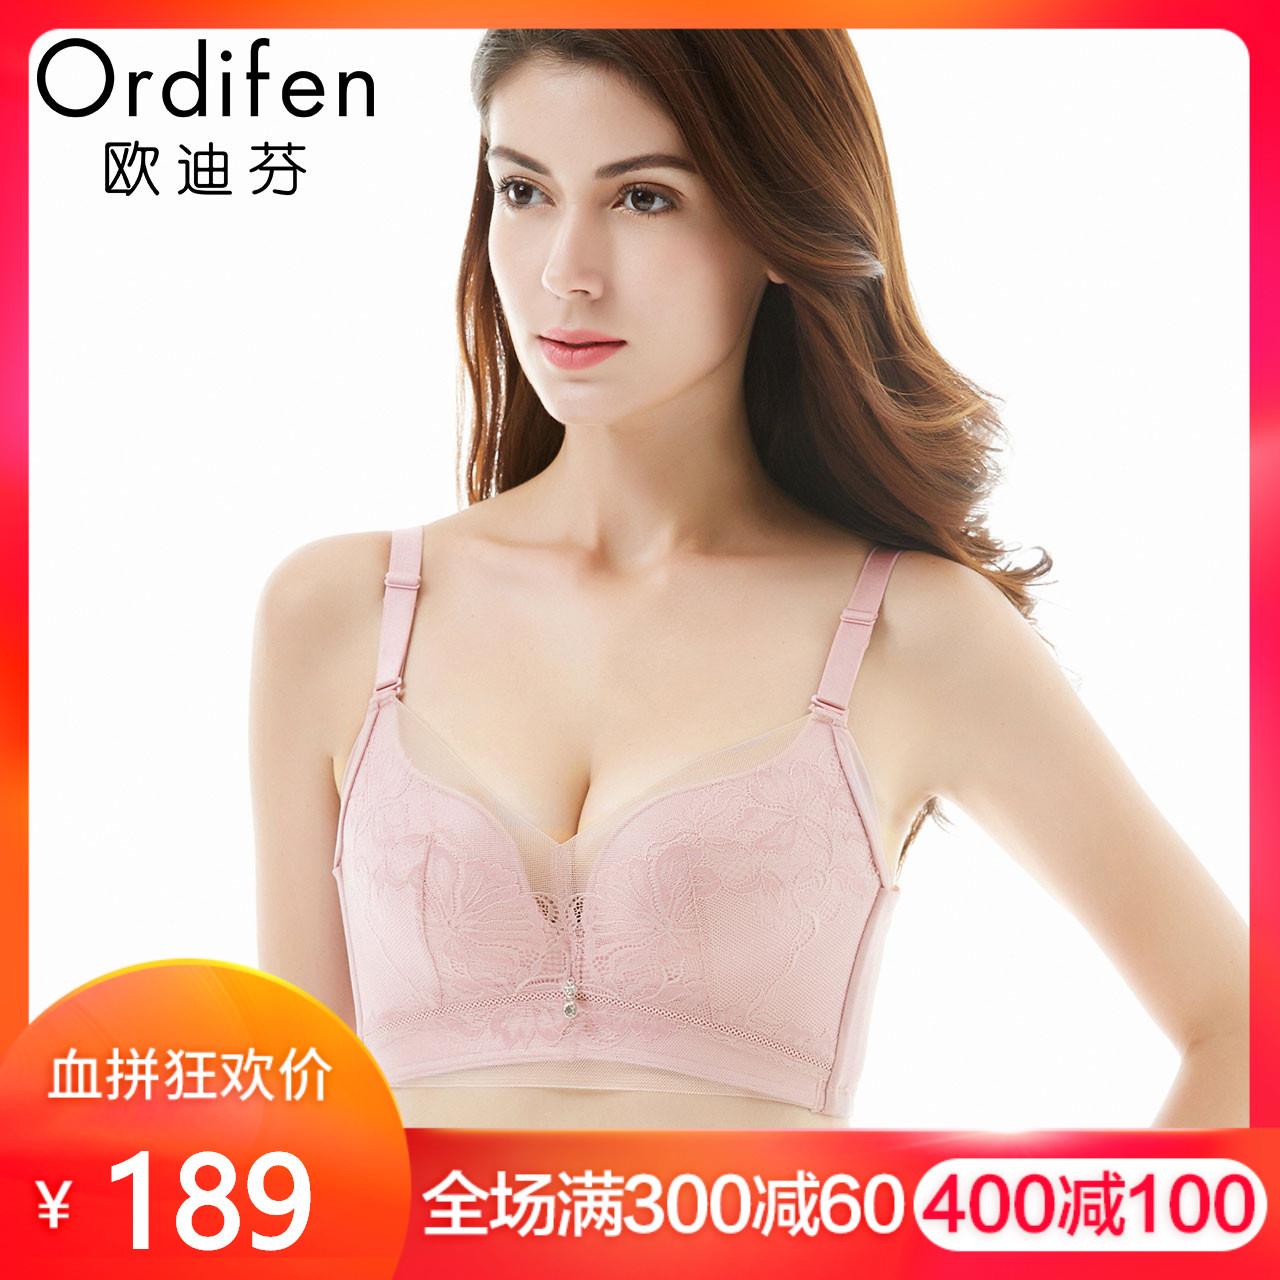 欧迪芬 内衣无钢圈蕾丝上托文胸聚拢下厚调整减压胸罩XB7551